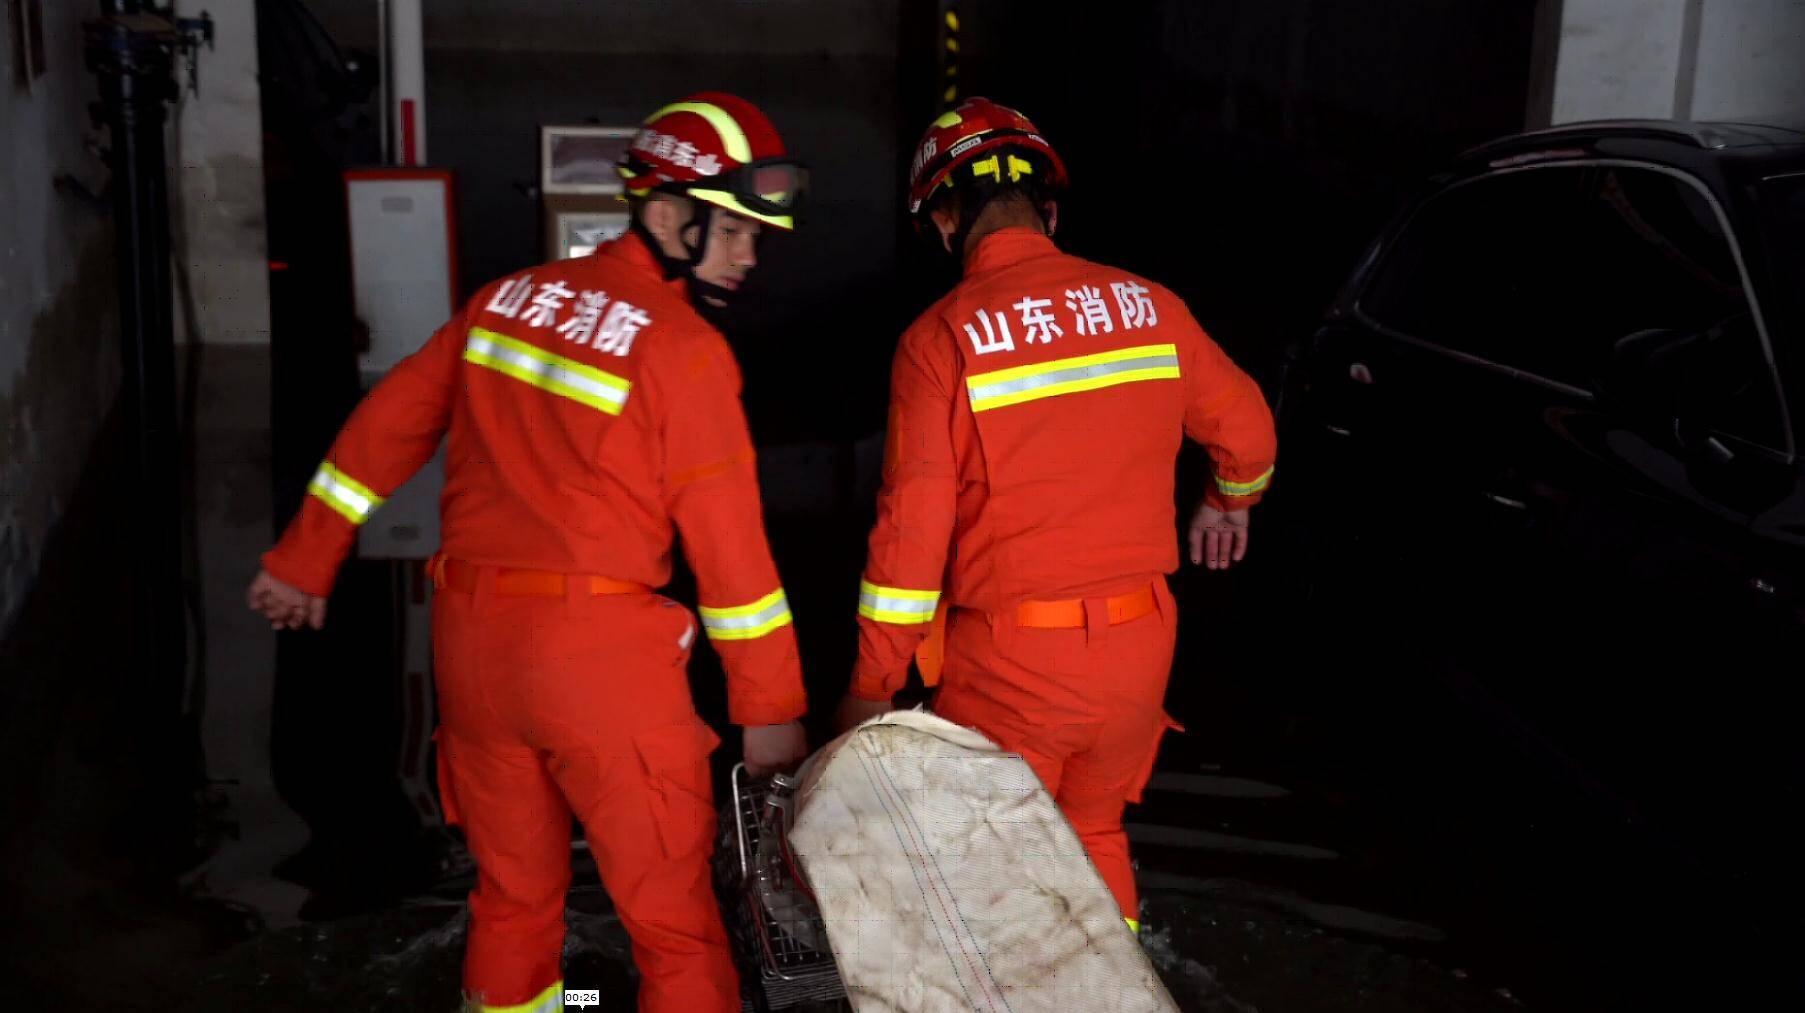 暖到了!在河南排涝抢险的消防员收到了当地一位小女孩塞给的一张纸条...